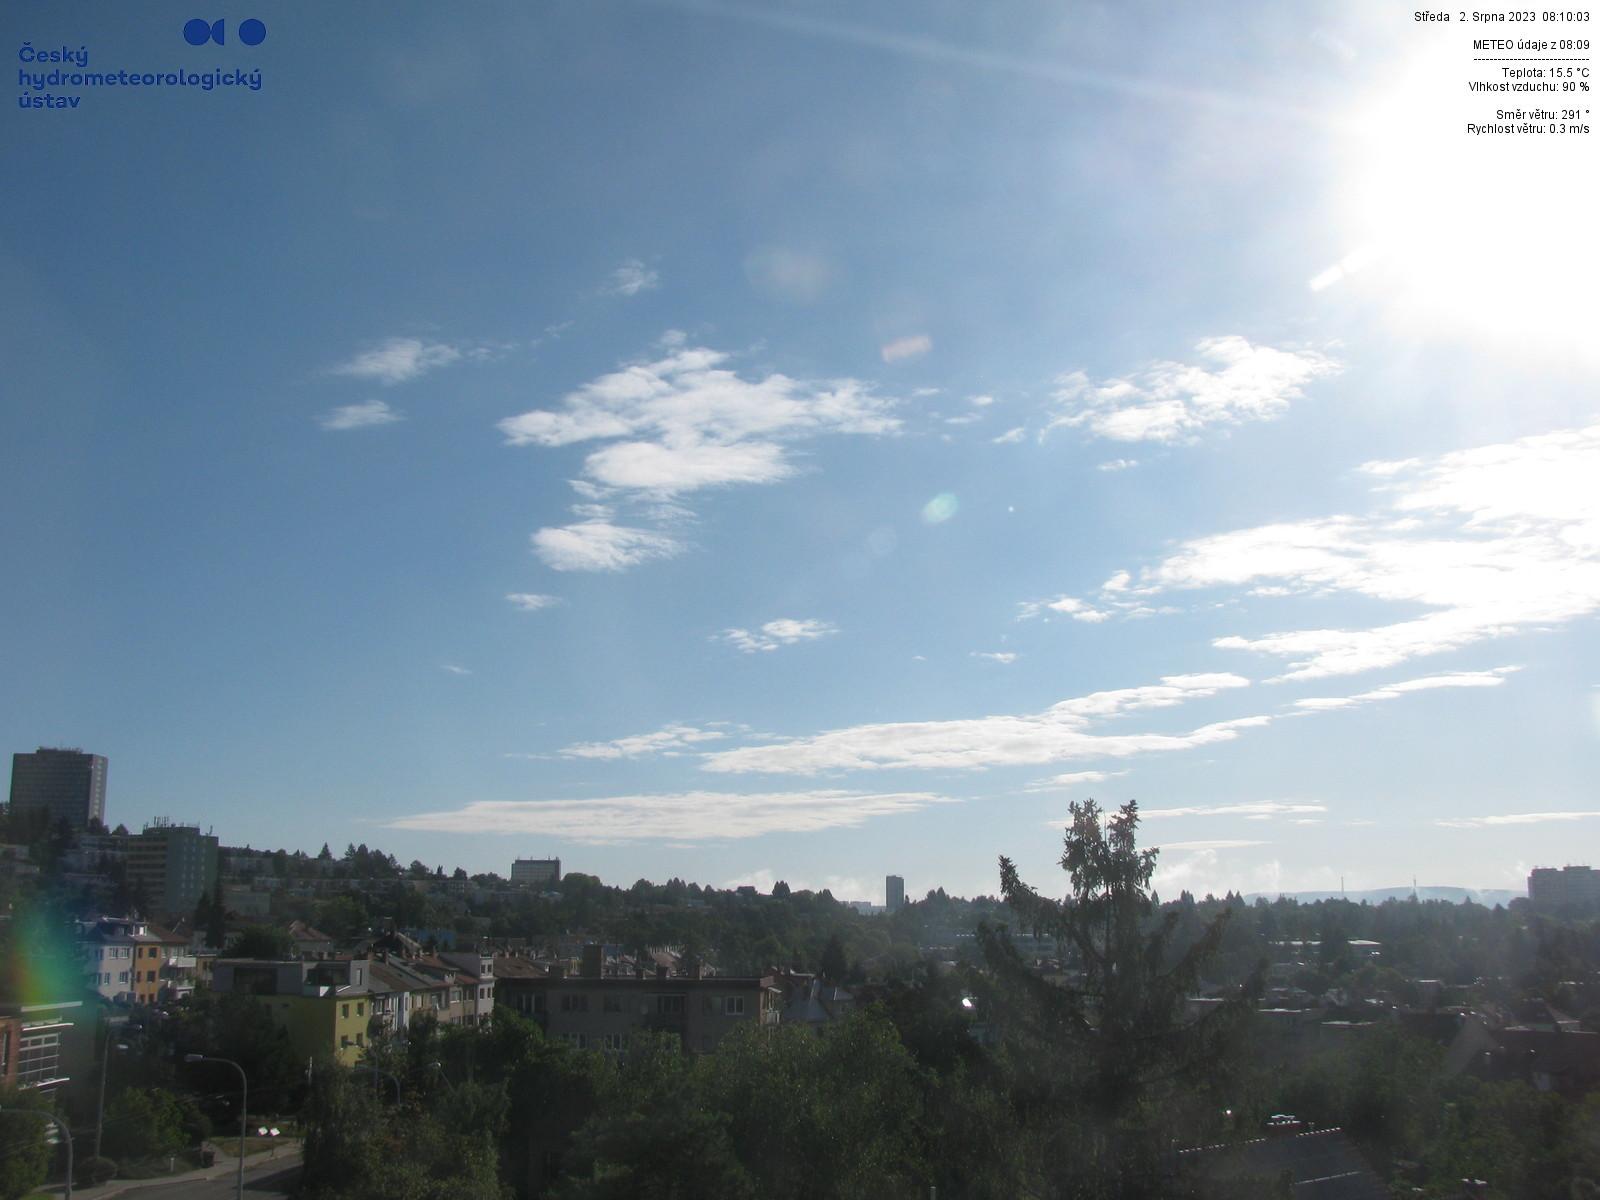 Webcam - Brno